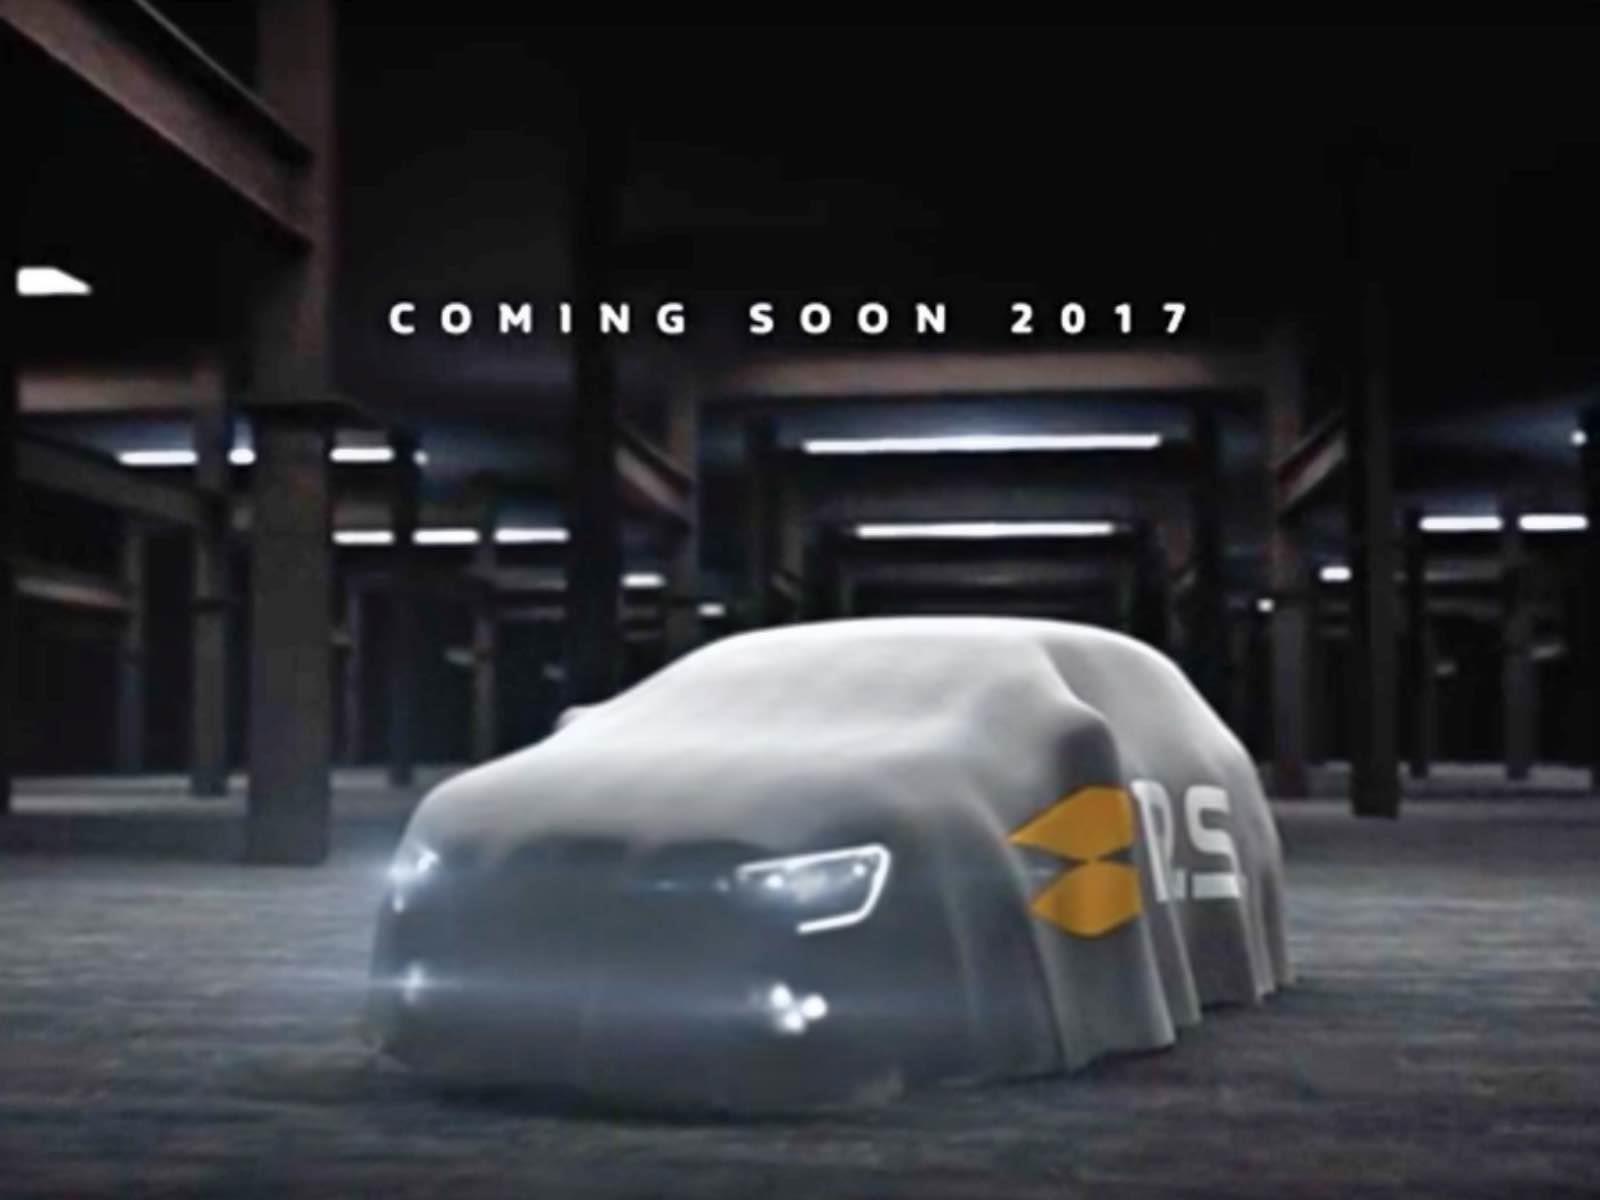 El nuevo Renault Mégane RS aterriza este año